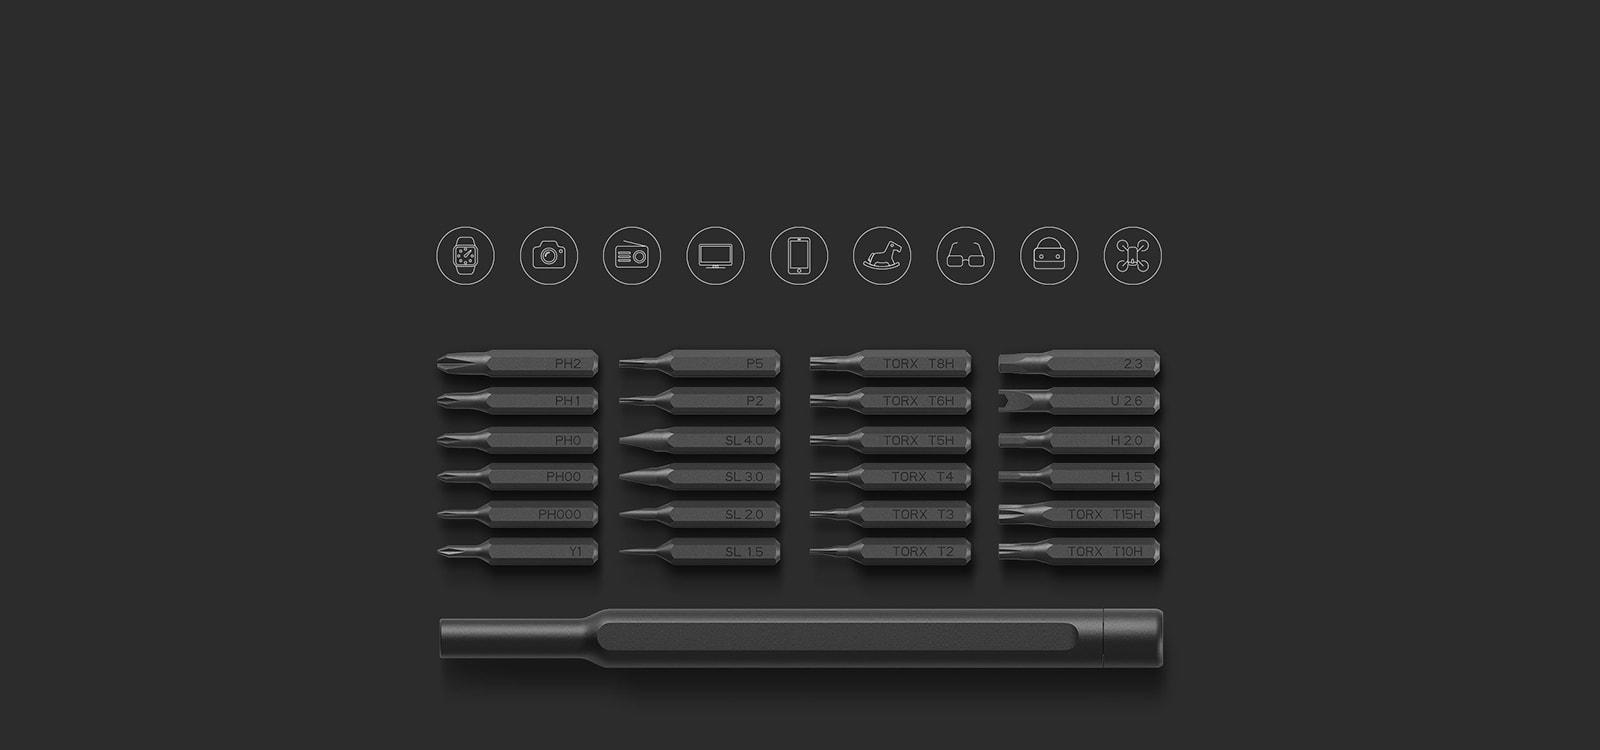 Подборка гик-отверток и необычных мультитулов от Leatherman до Xiaomi - 17